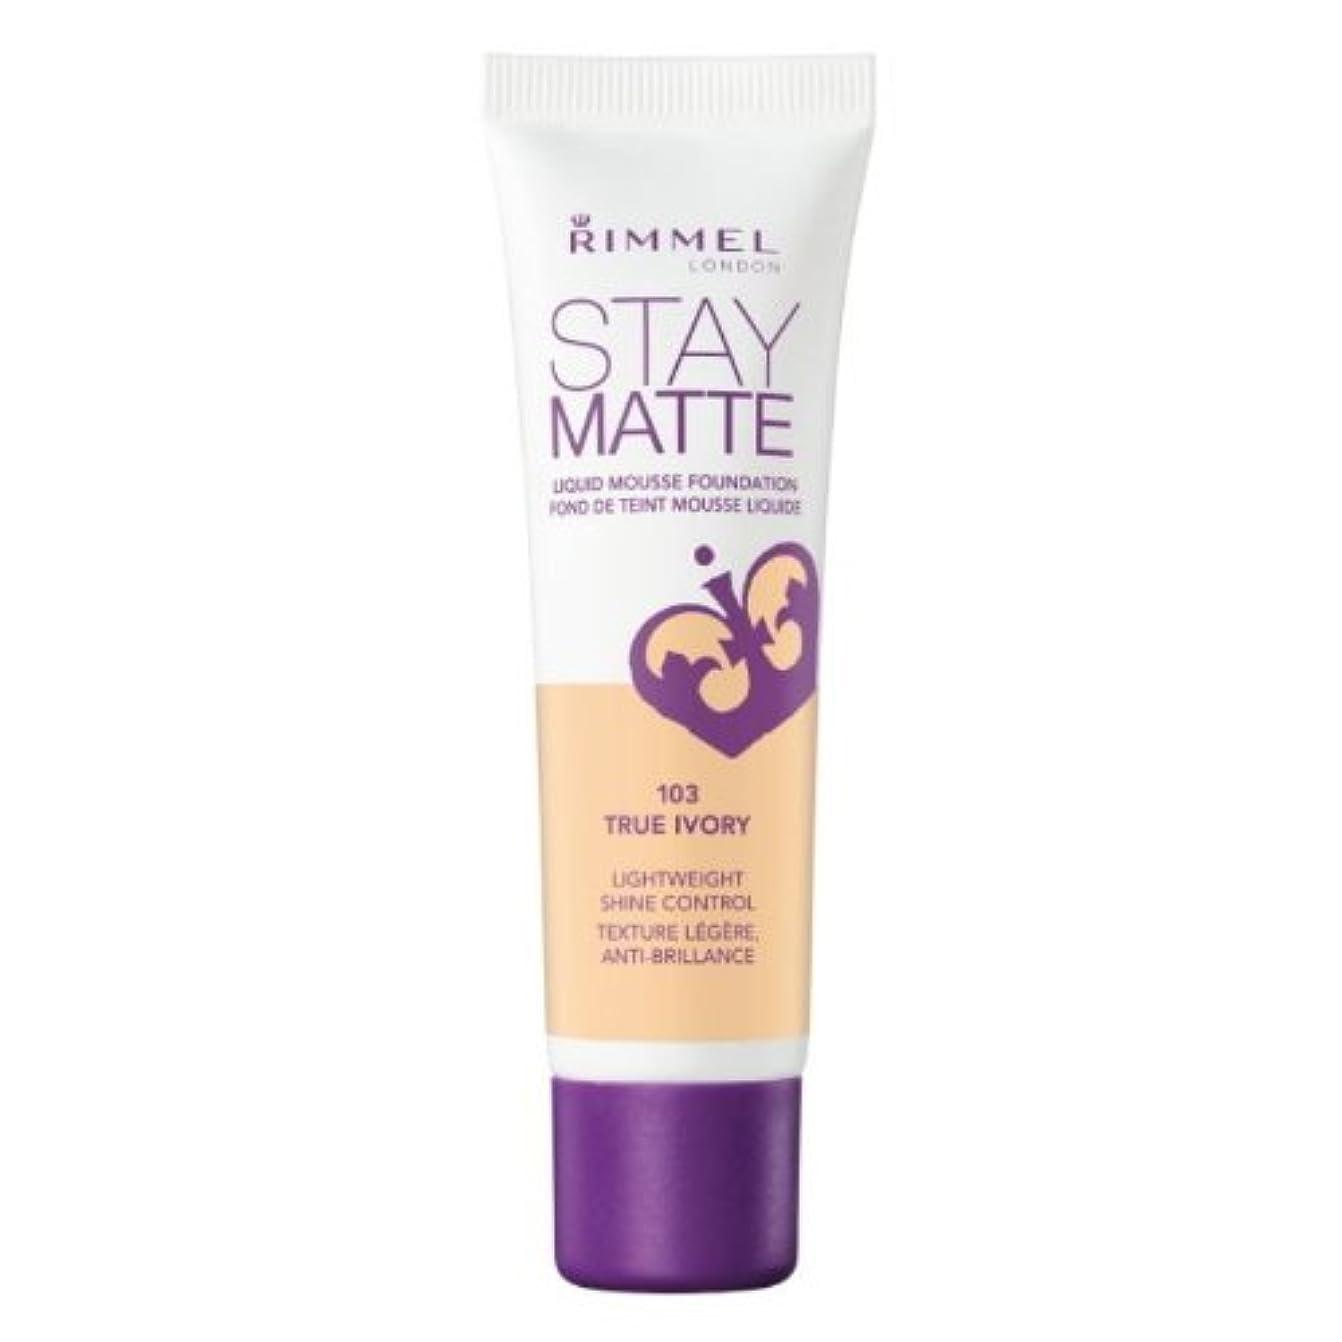 キャベツ依存する耐えられないRIMMEL LONDON Stay Matte Liquid Mousse Foundation - True Ivory (並行輸入品)